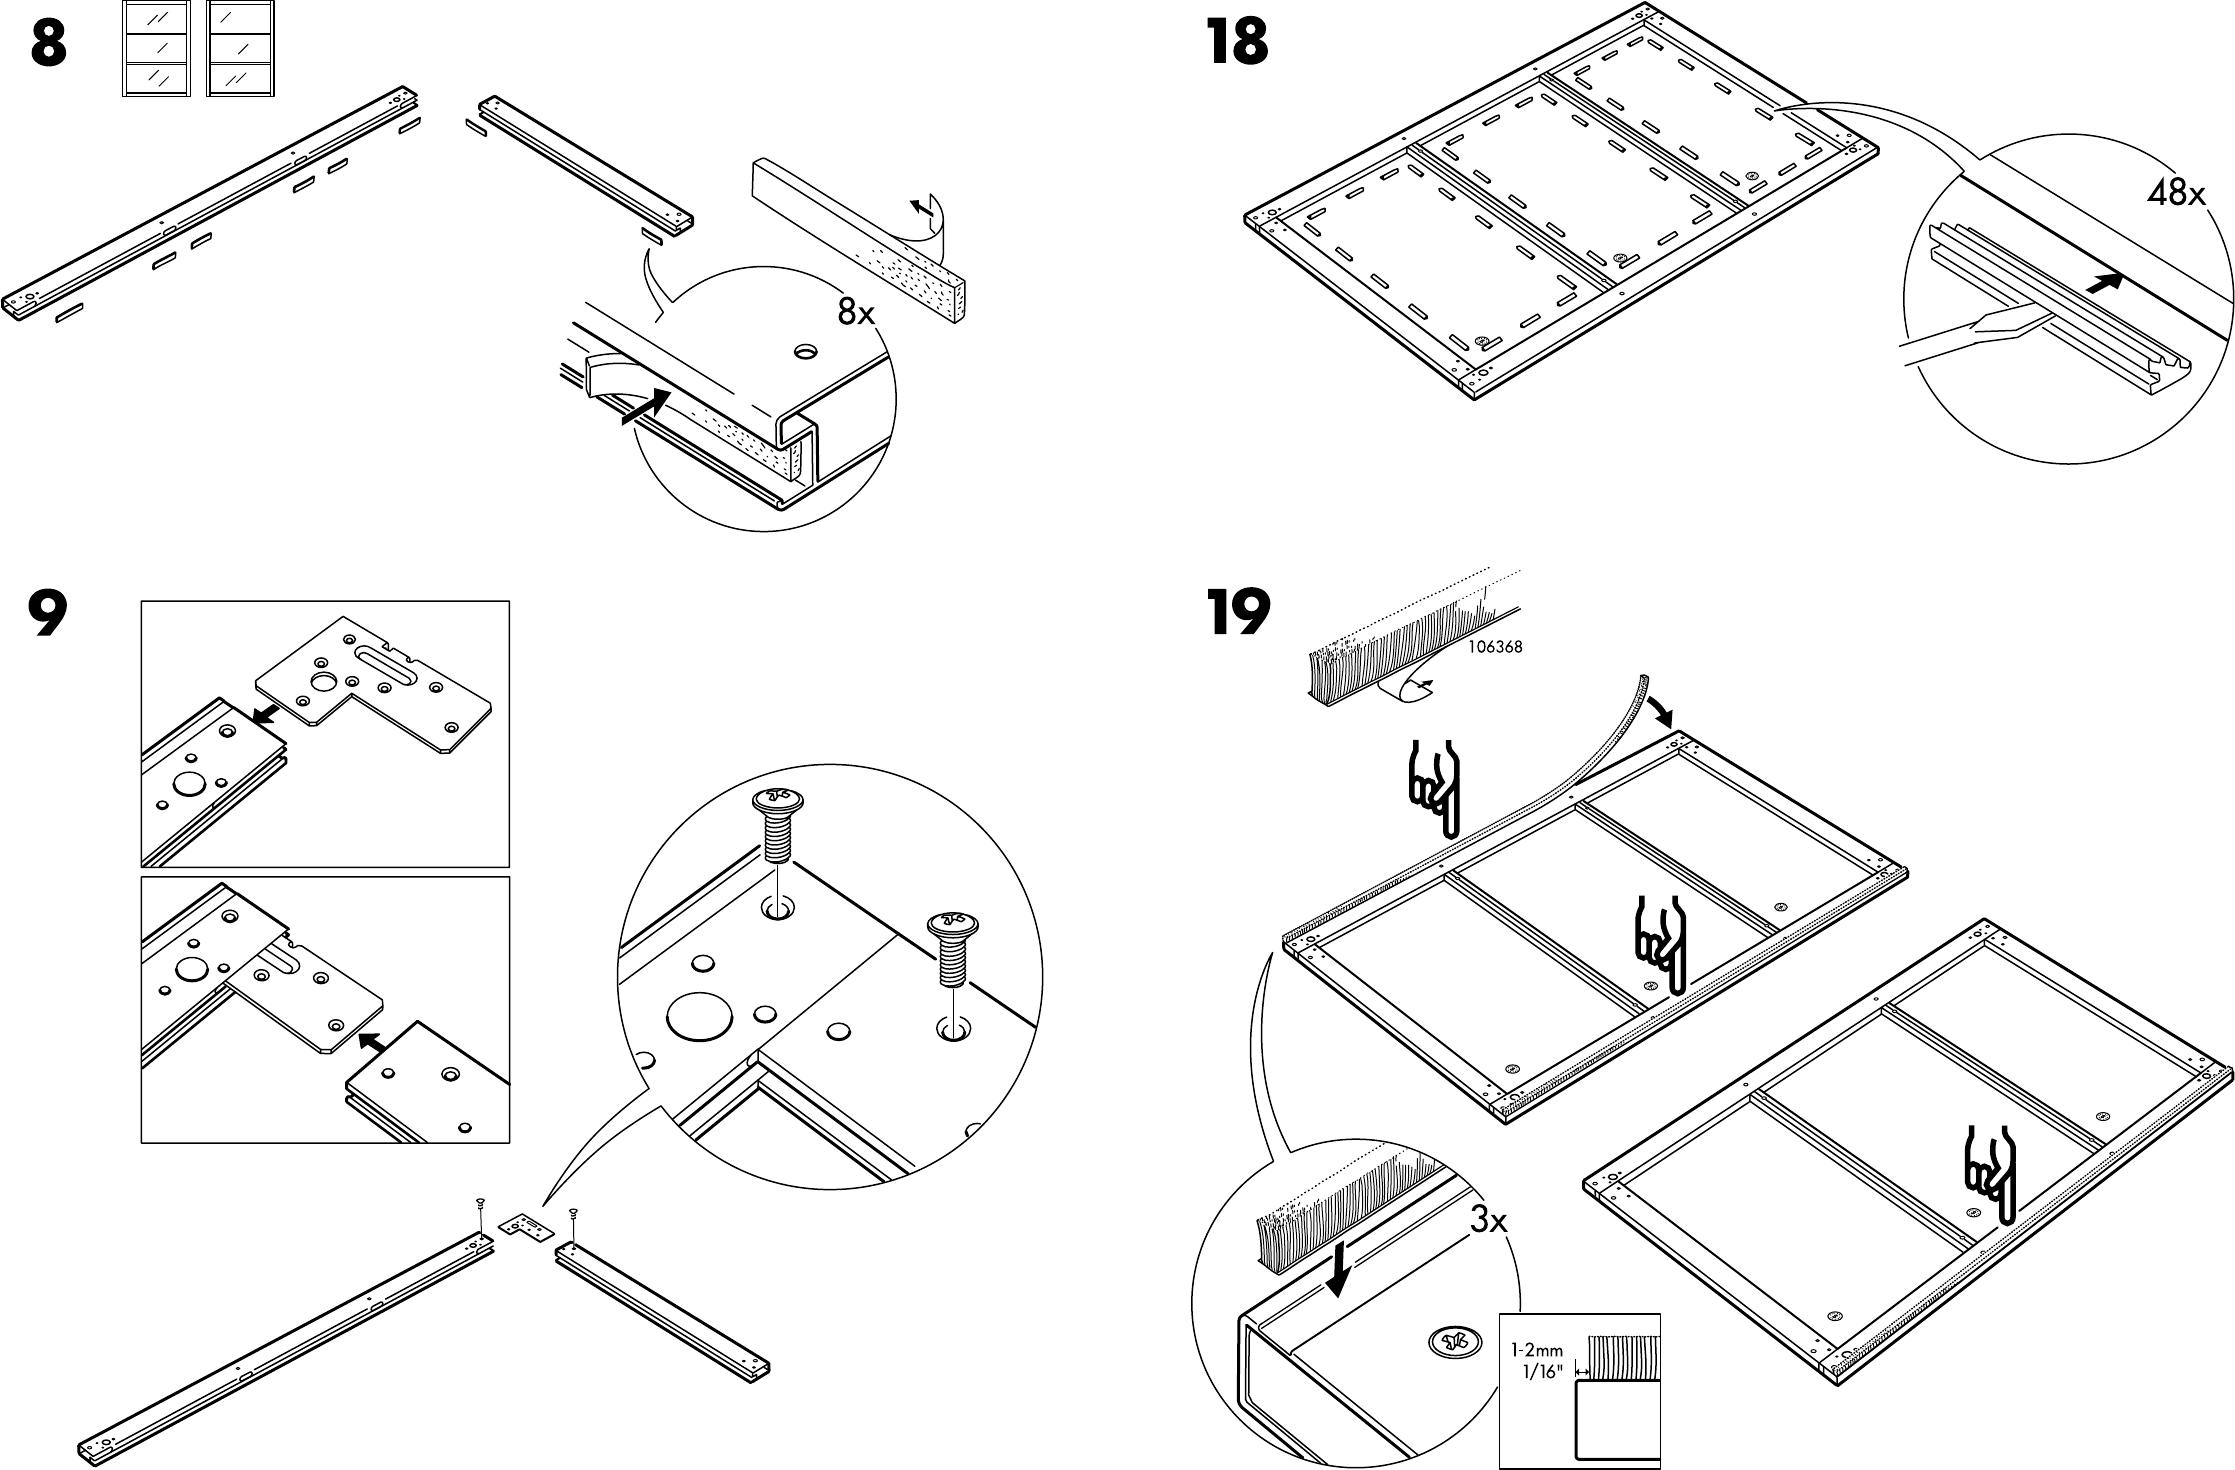 Pax Handleiding Schuifdeuren.Handleiding Ikea Pax Stordal Schuifdeuren Pagina 10 Van 12